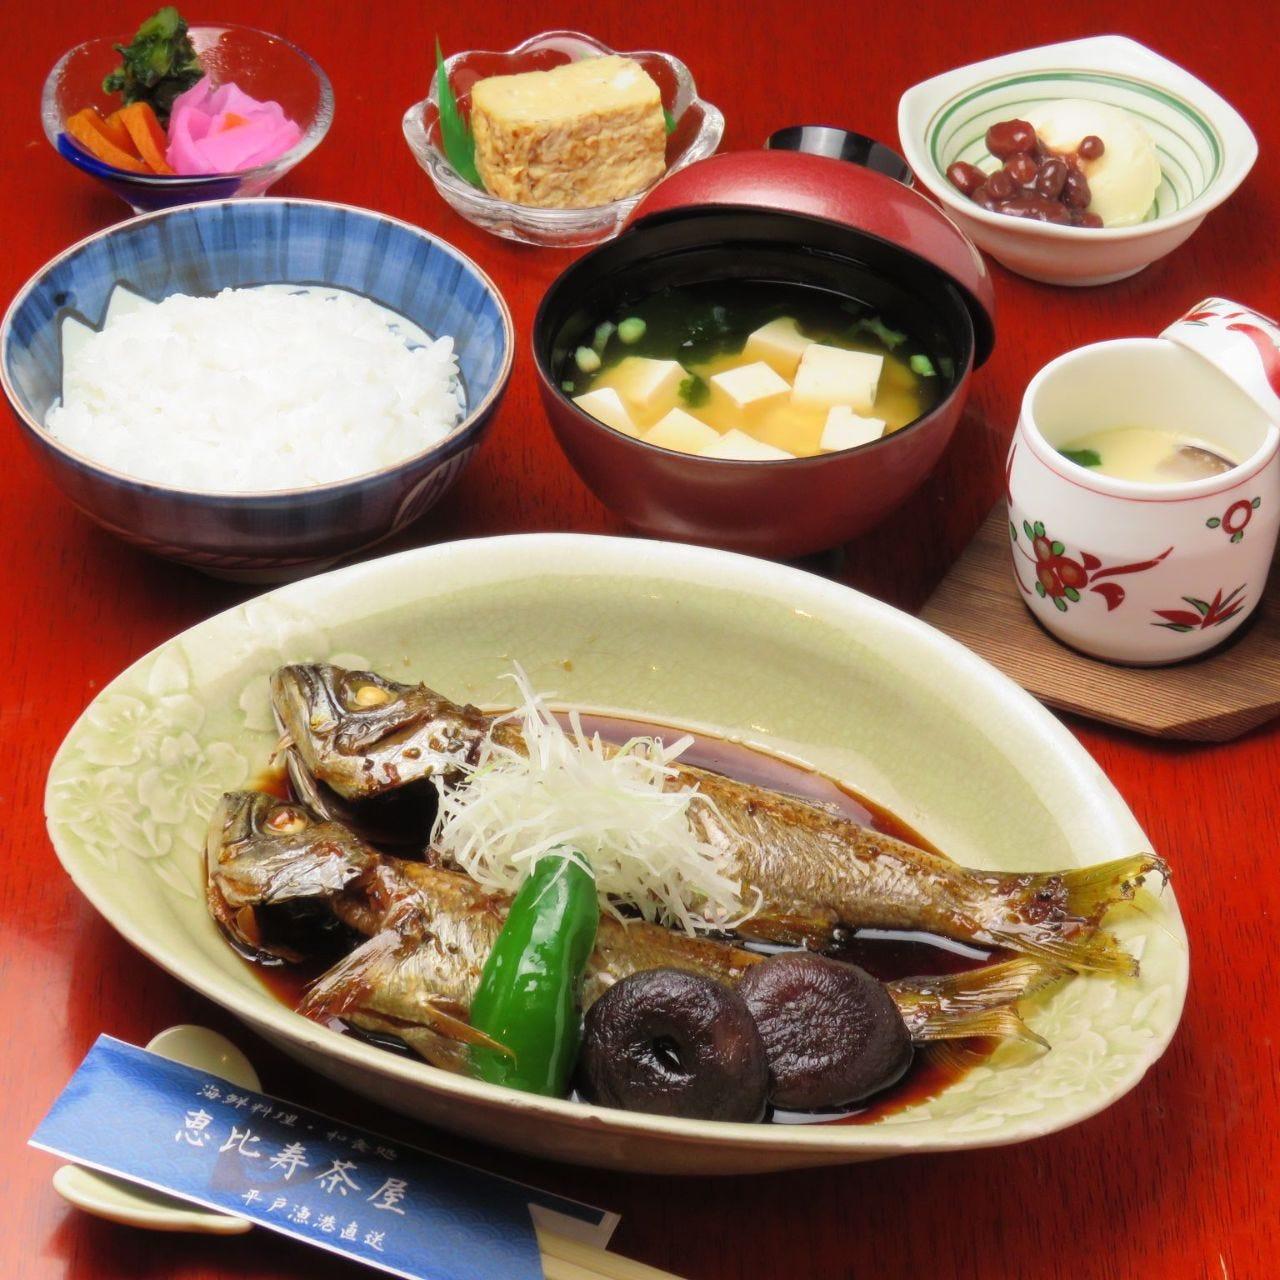 恵比寿茶屋オリジナルの甘ダレ煮魚